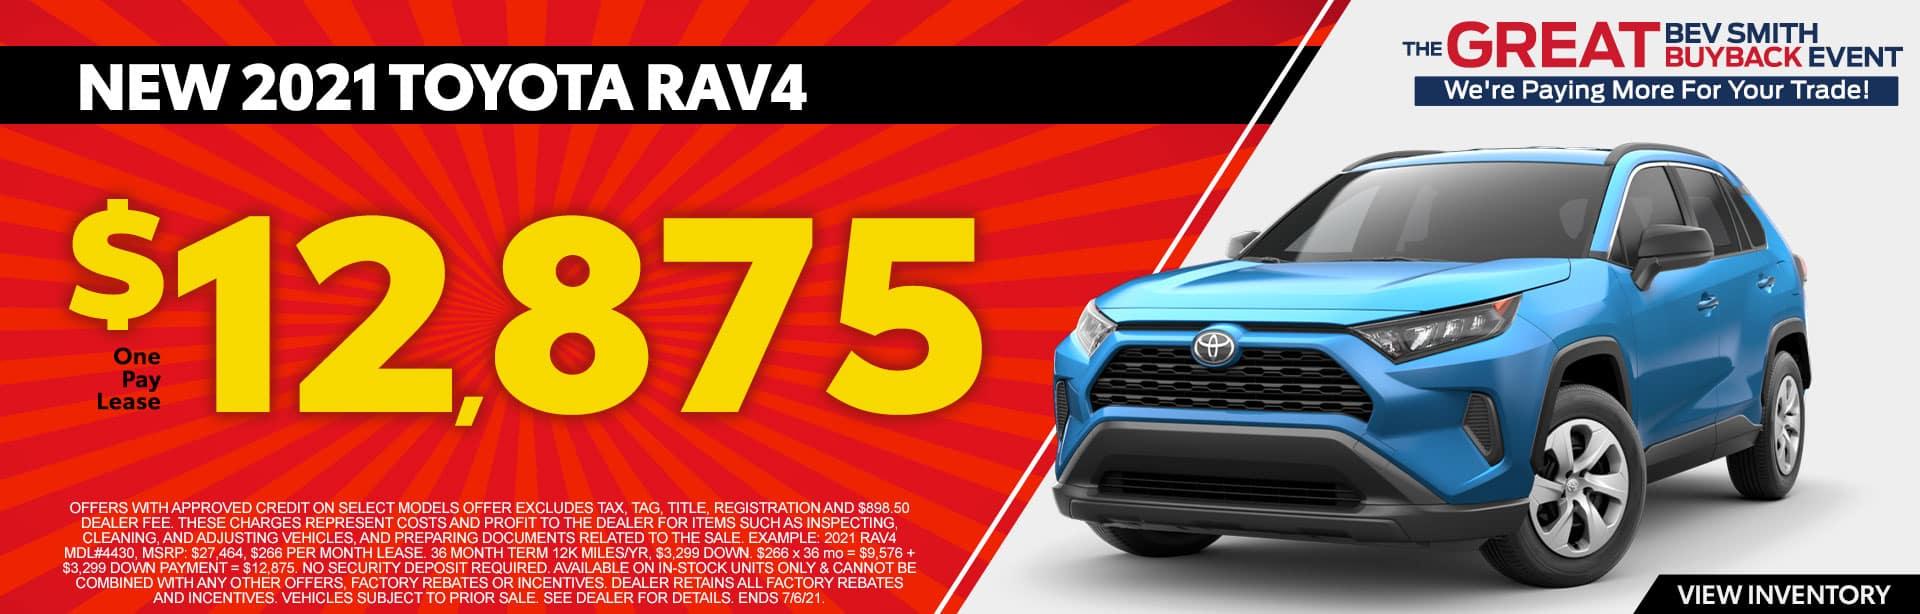 BSTO86875-01-June-Offers-slide-rav4 (1)